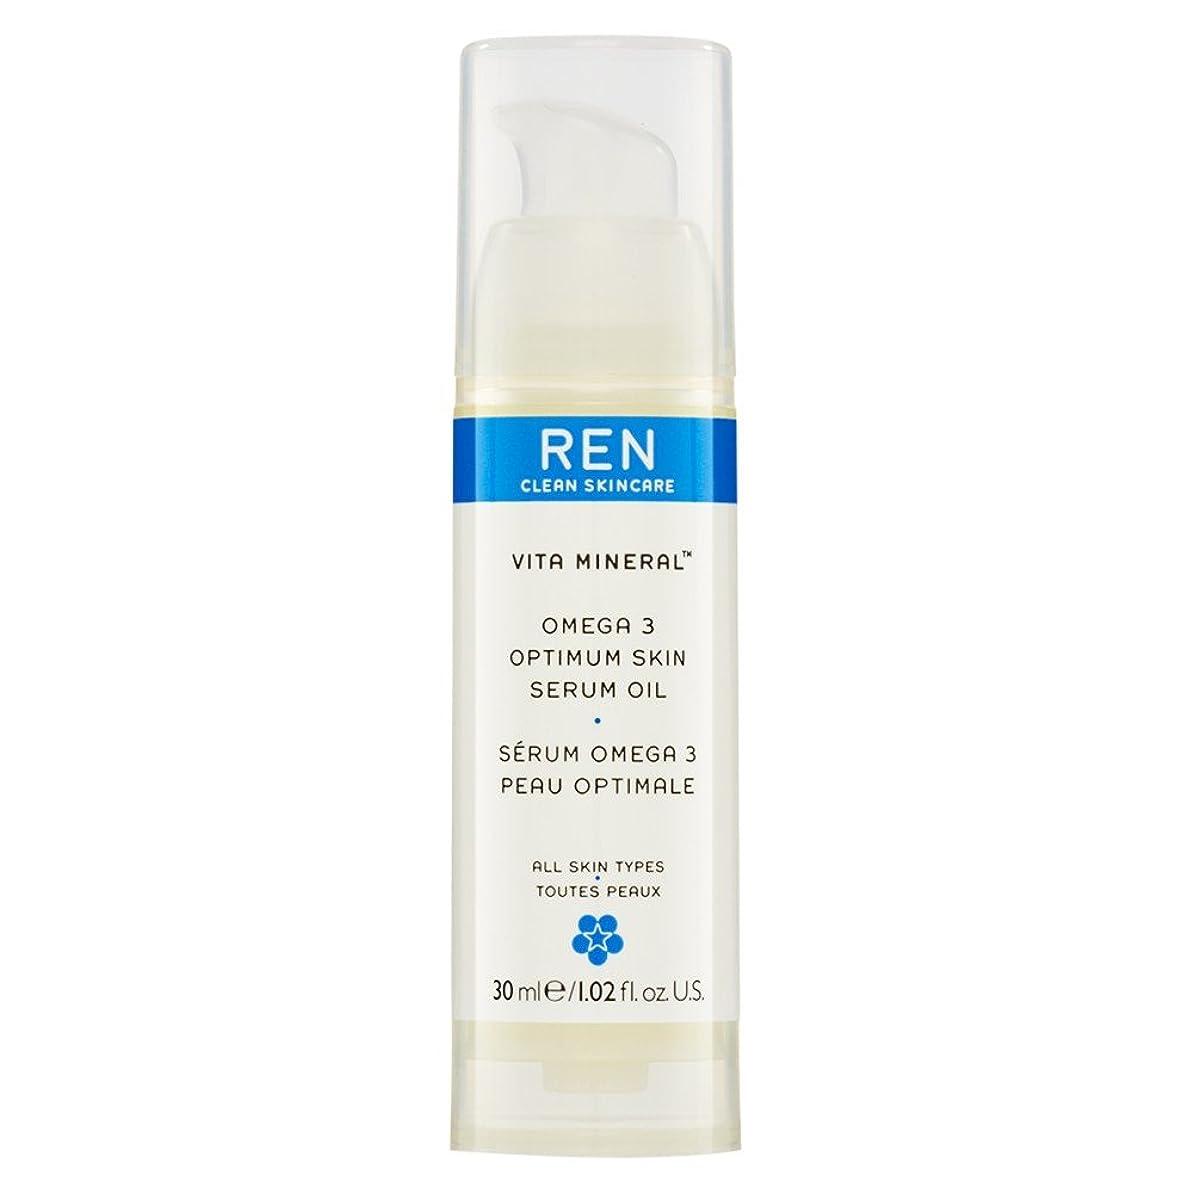 開梱先入観枢機卿Renヴィータミネラル?オメガ3の最適な肌の血清オイル30ミリリットル (REN) (x2) - REN Vita Mineral? Omega 3 Optimum Skin Serum Oil 30ml (Pack of 2) [並行輸入品]